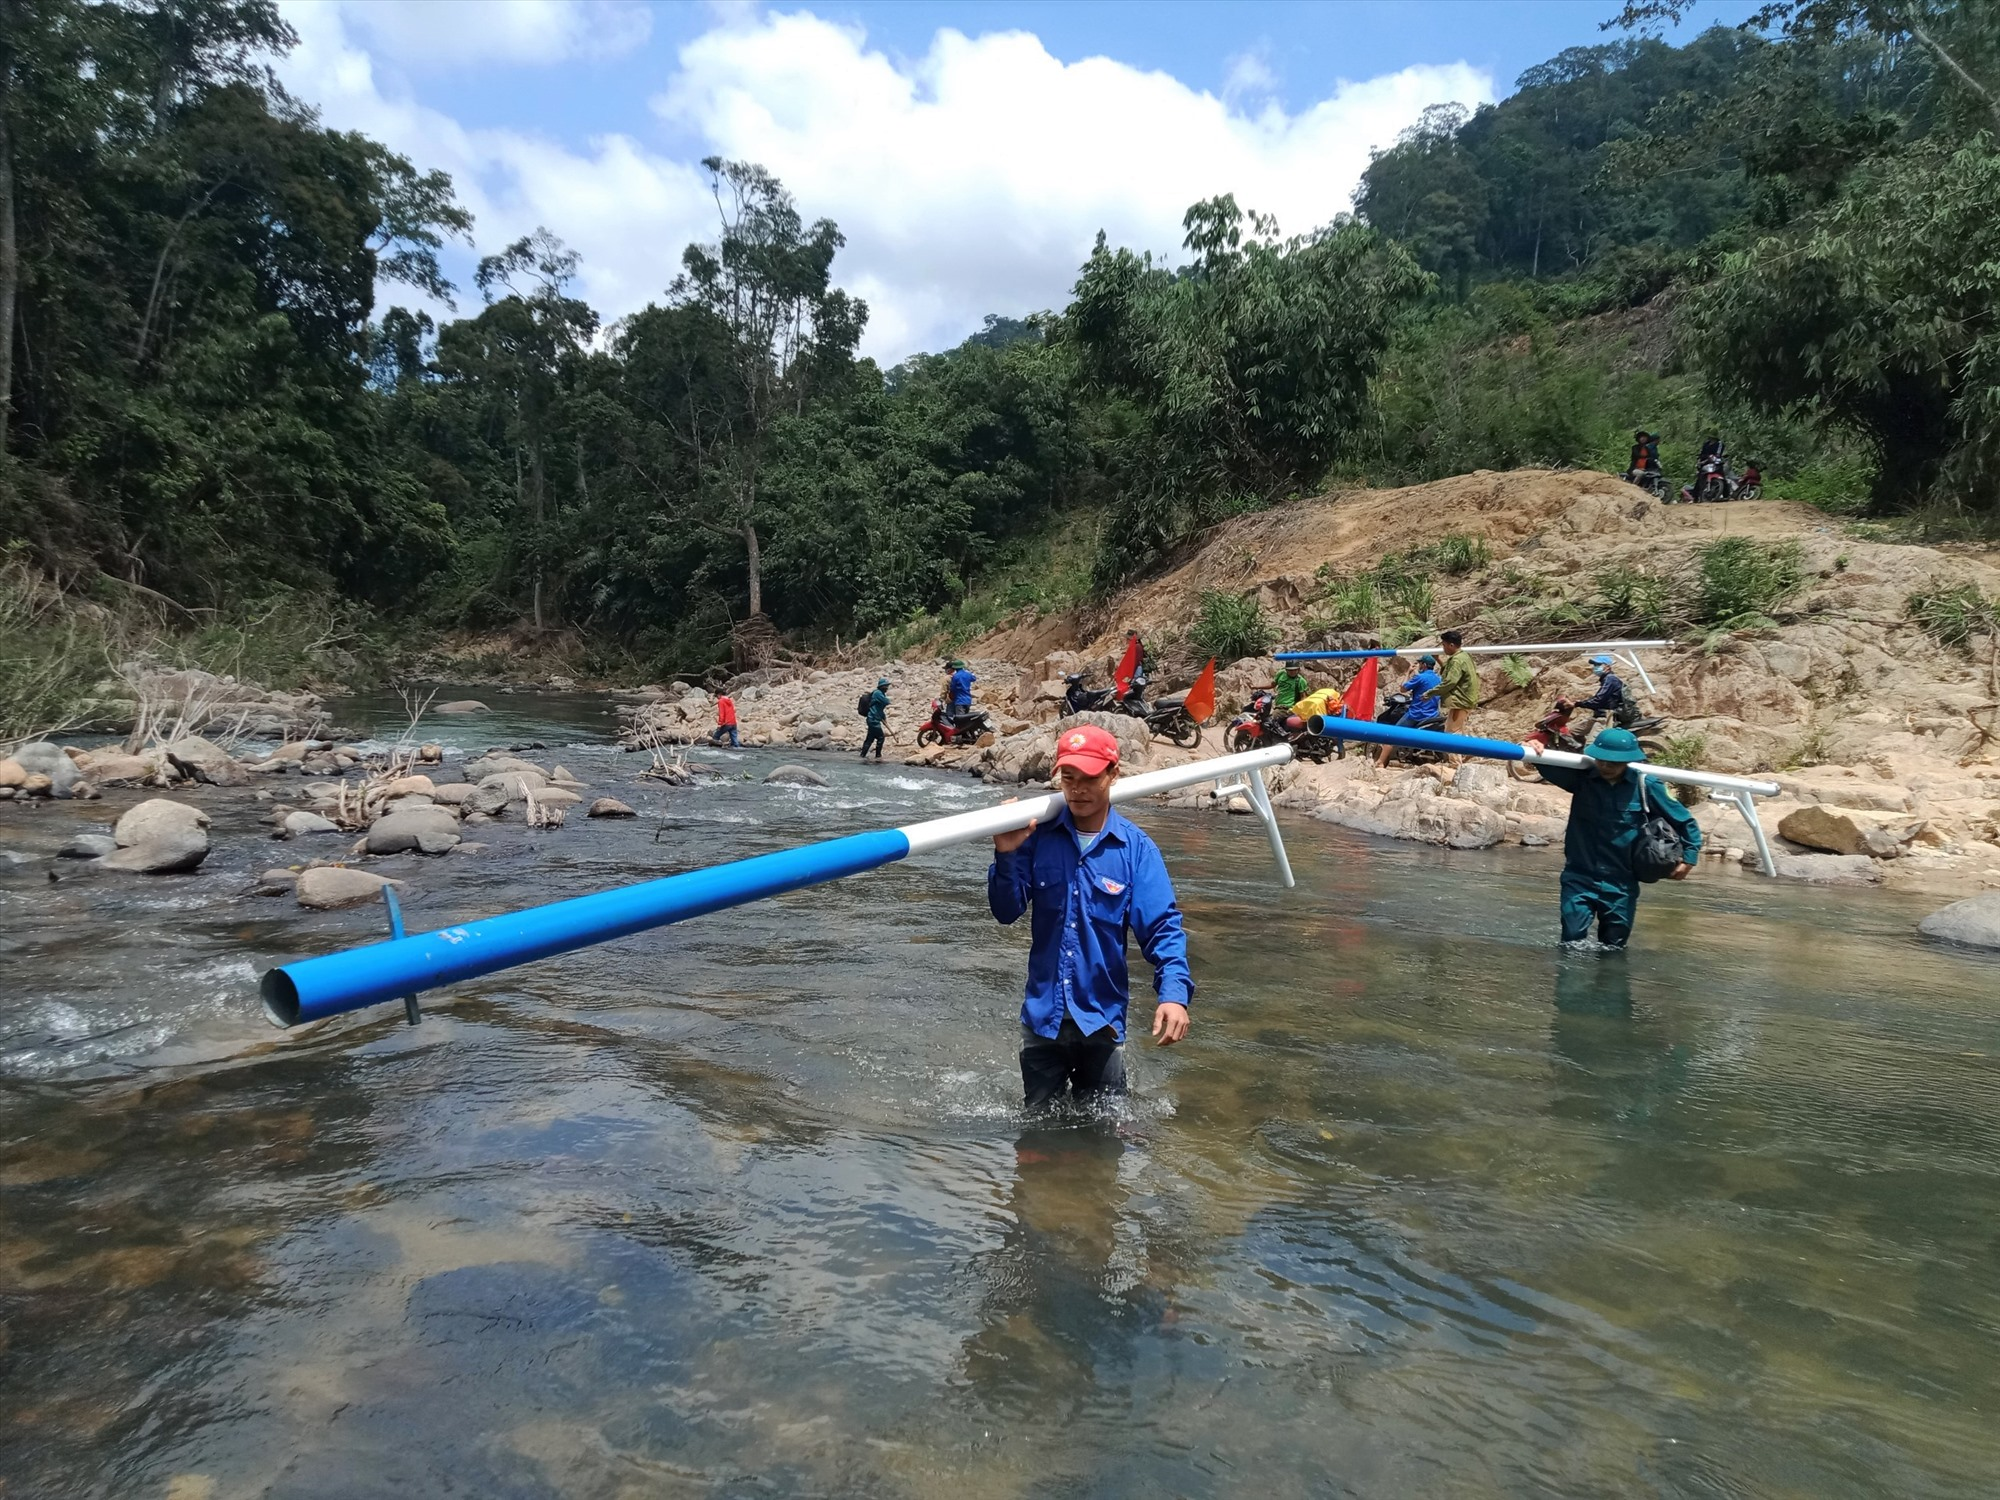 Thanh niên Nam Giang vượt sông vận chuyển vật liệu lắp đặt điện chiếu sáng cho người dân cụm dân cư Pêtapooc, xã Đắc Pring.